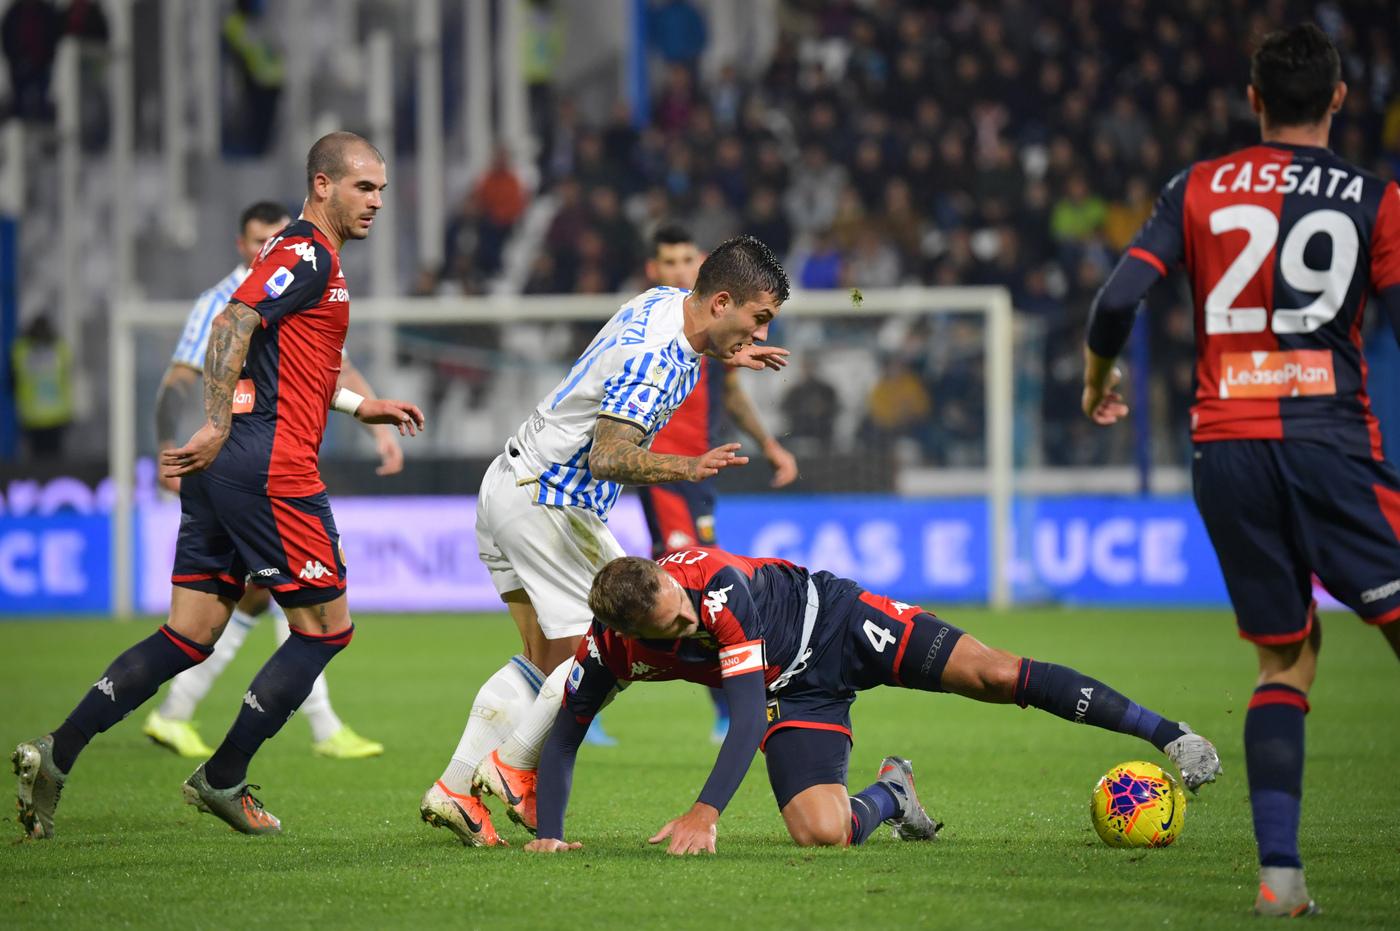 Risultati Serie A Live 13ª Giornata Pareggio Tra Spal E Genoa La Classifica Aggiornata